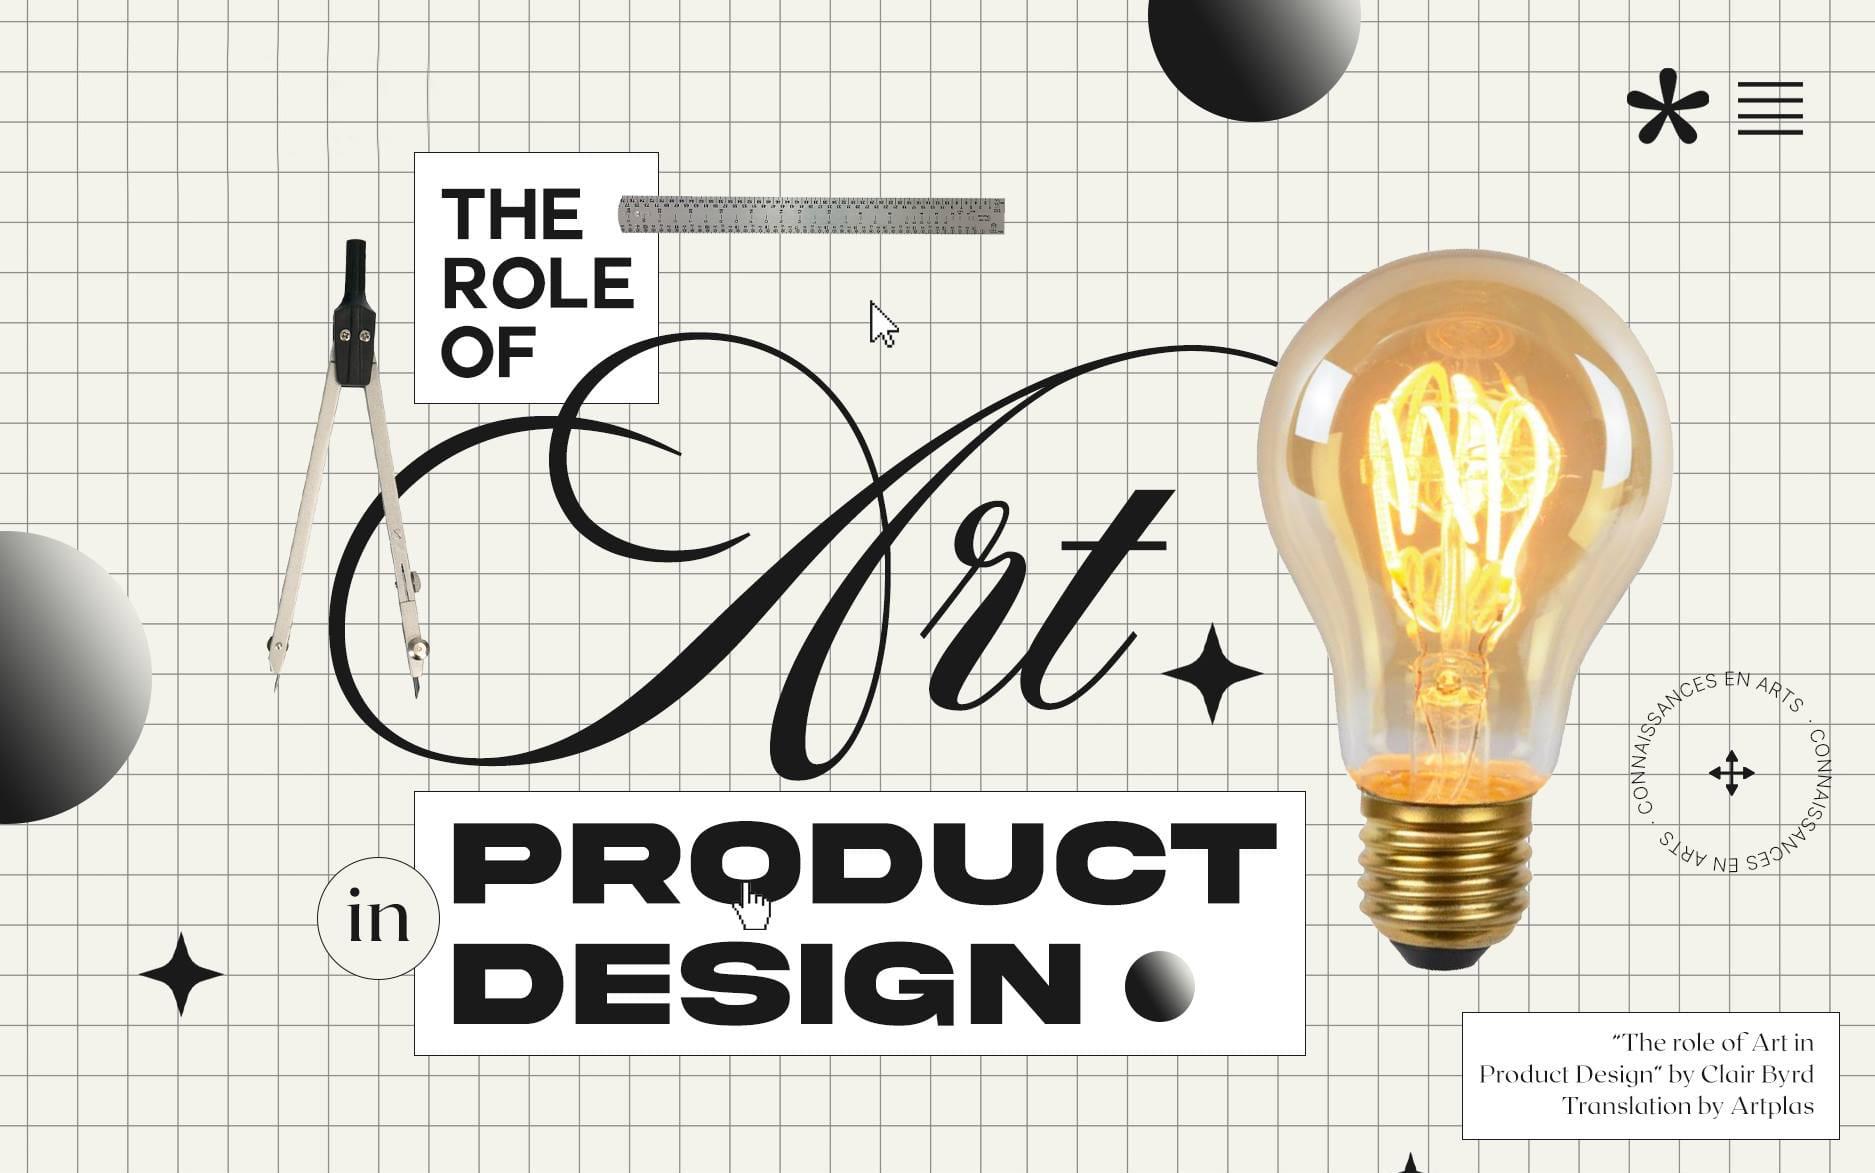 Vai trò của nghệ thuật trong thiết kế sản phẩm